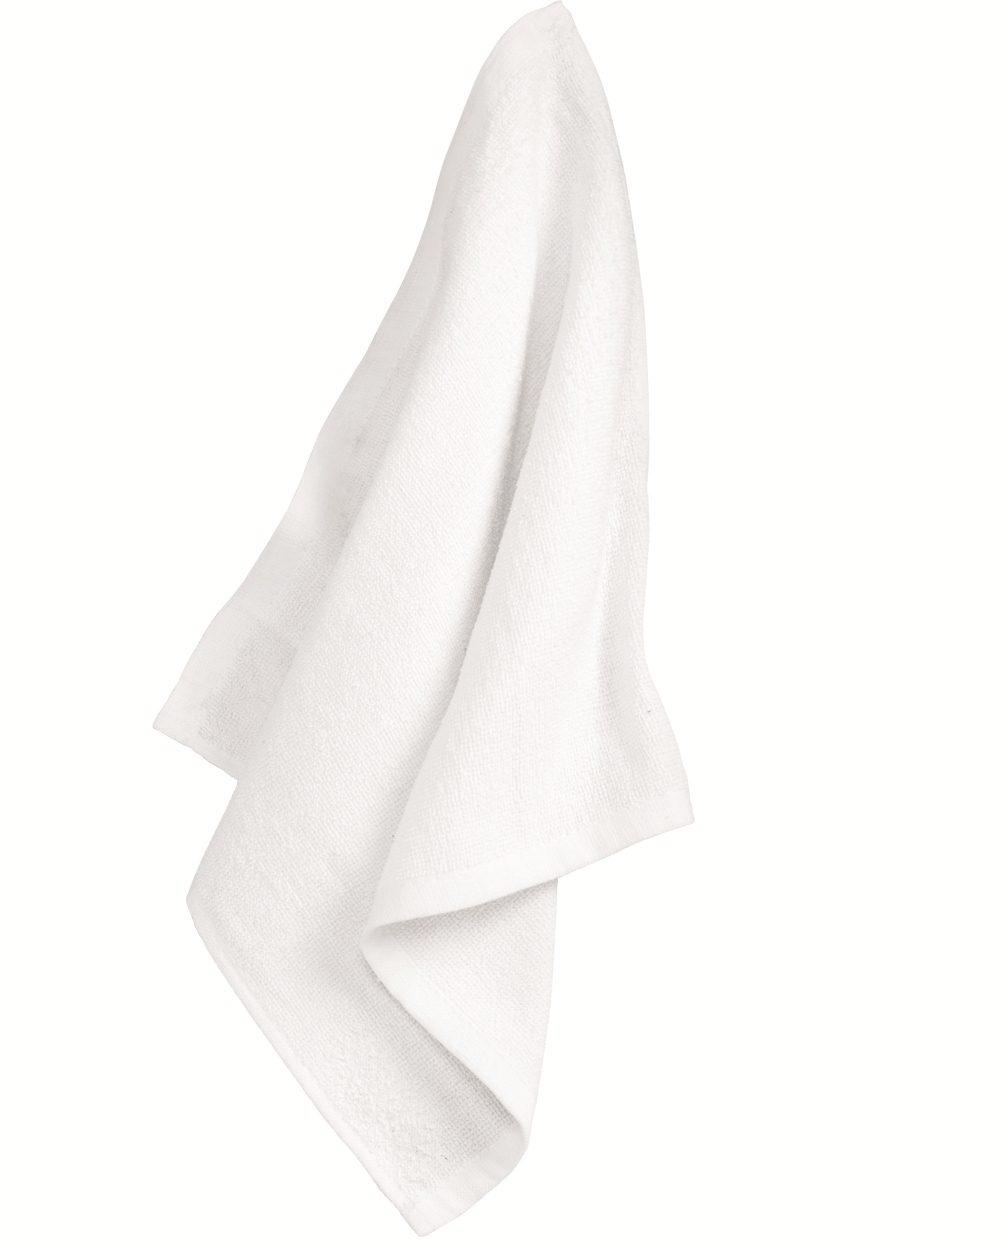 Carmel Towel Company 1515 - Rally Towel